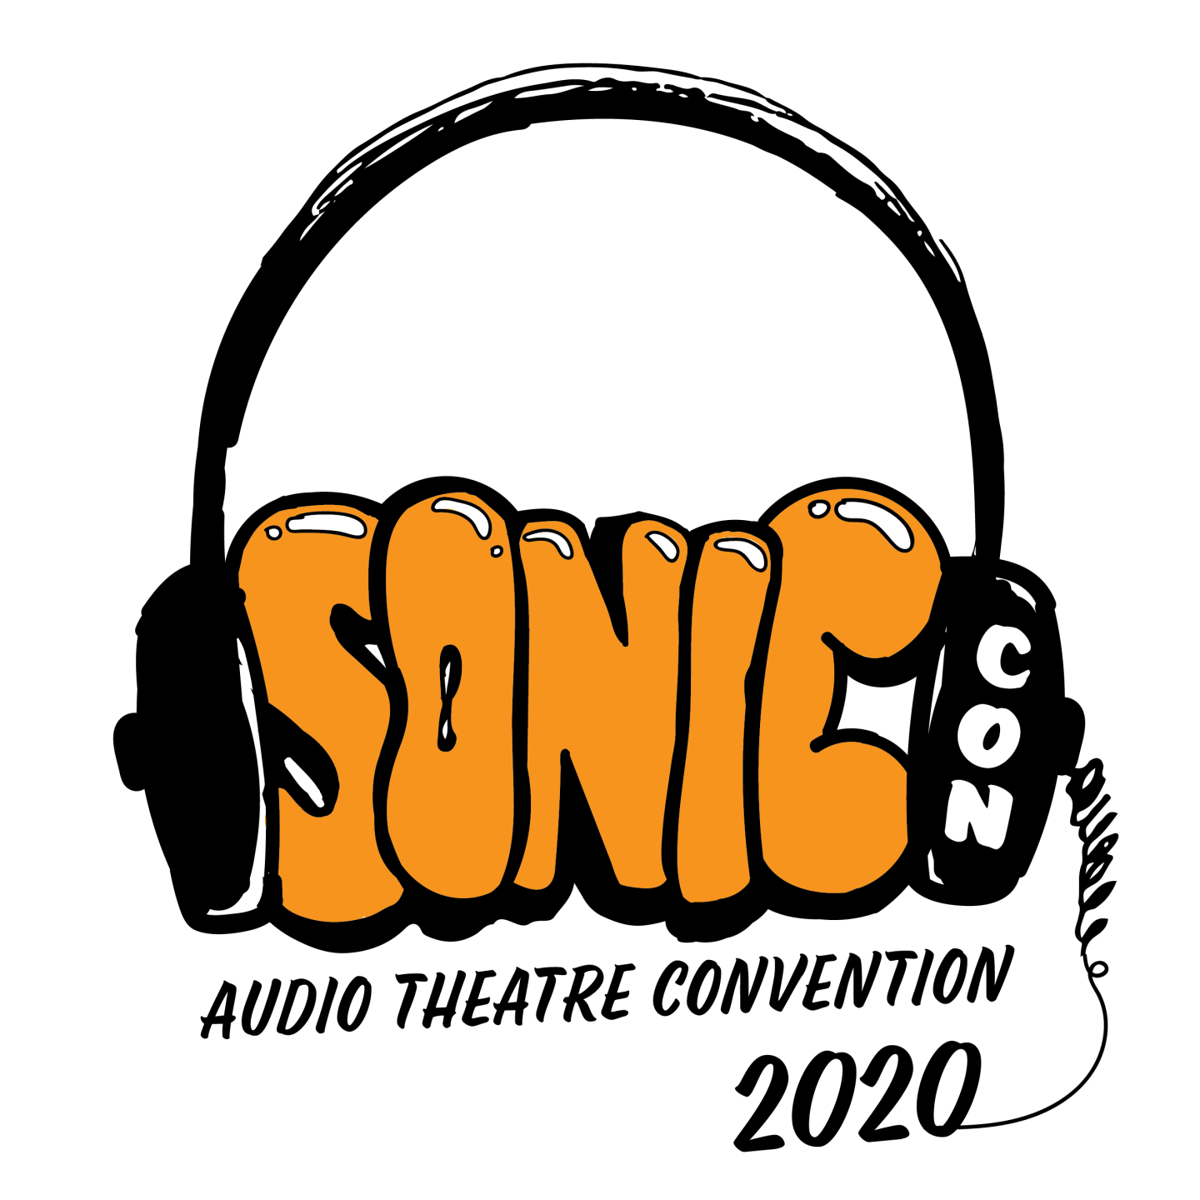 Sonic-Con logo